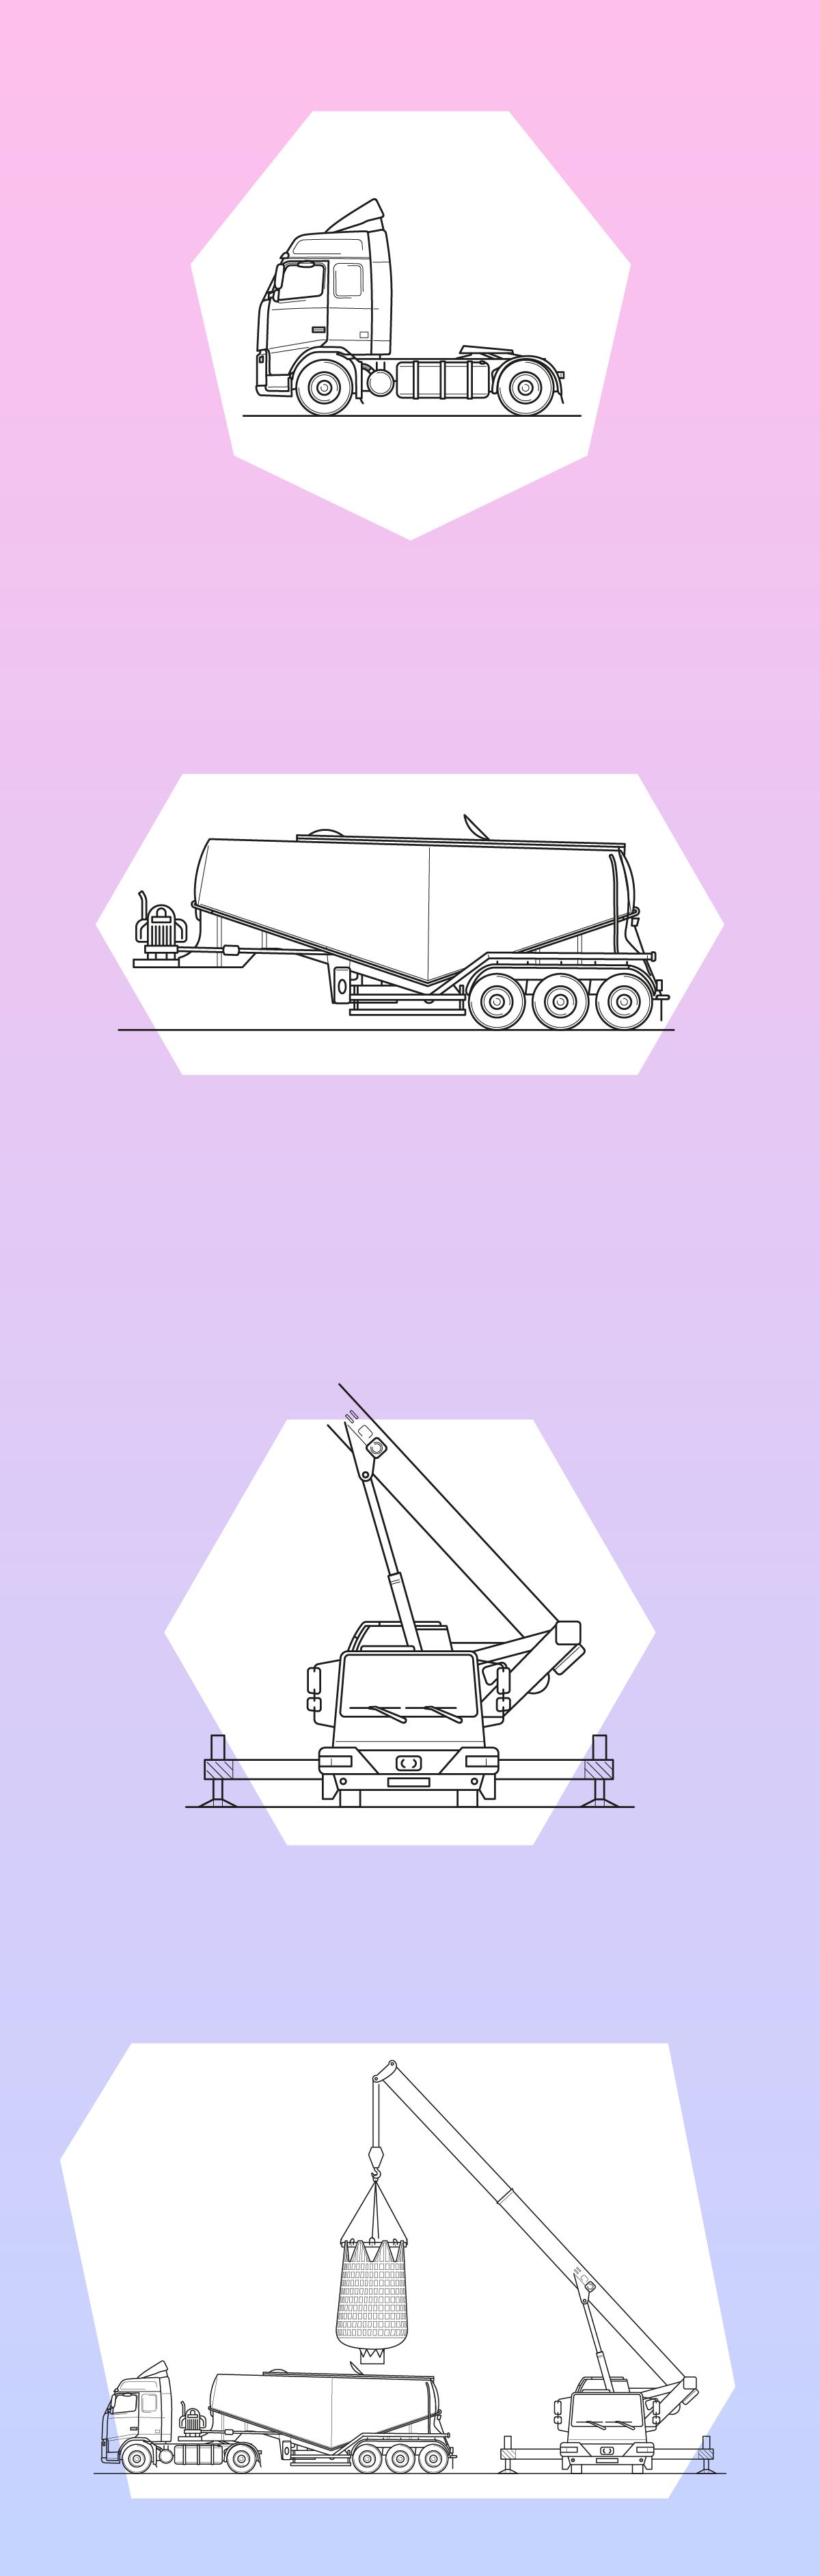 Кран и цементовоз